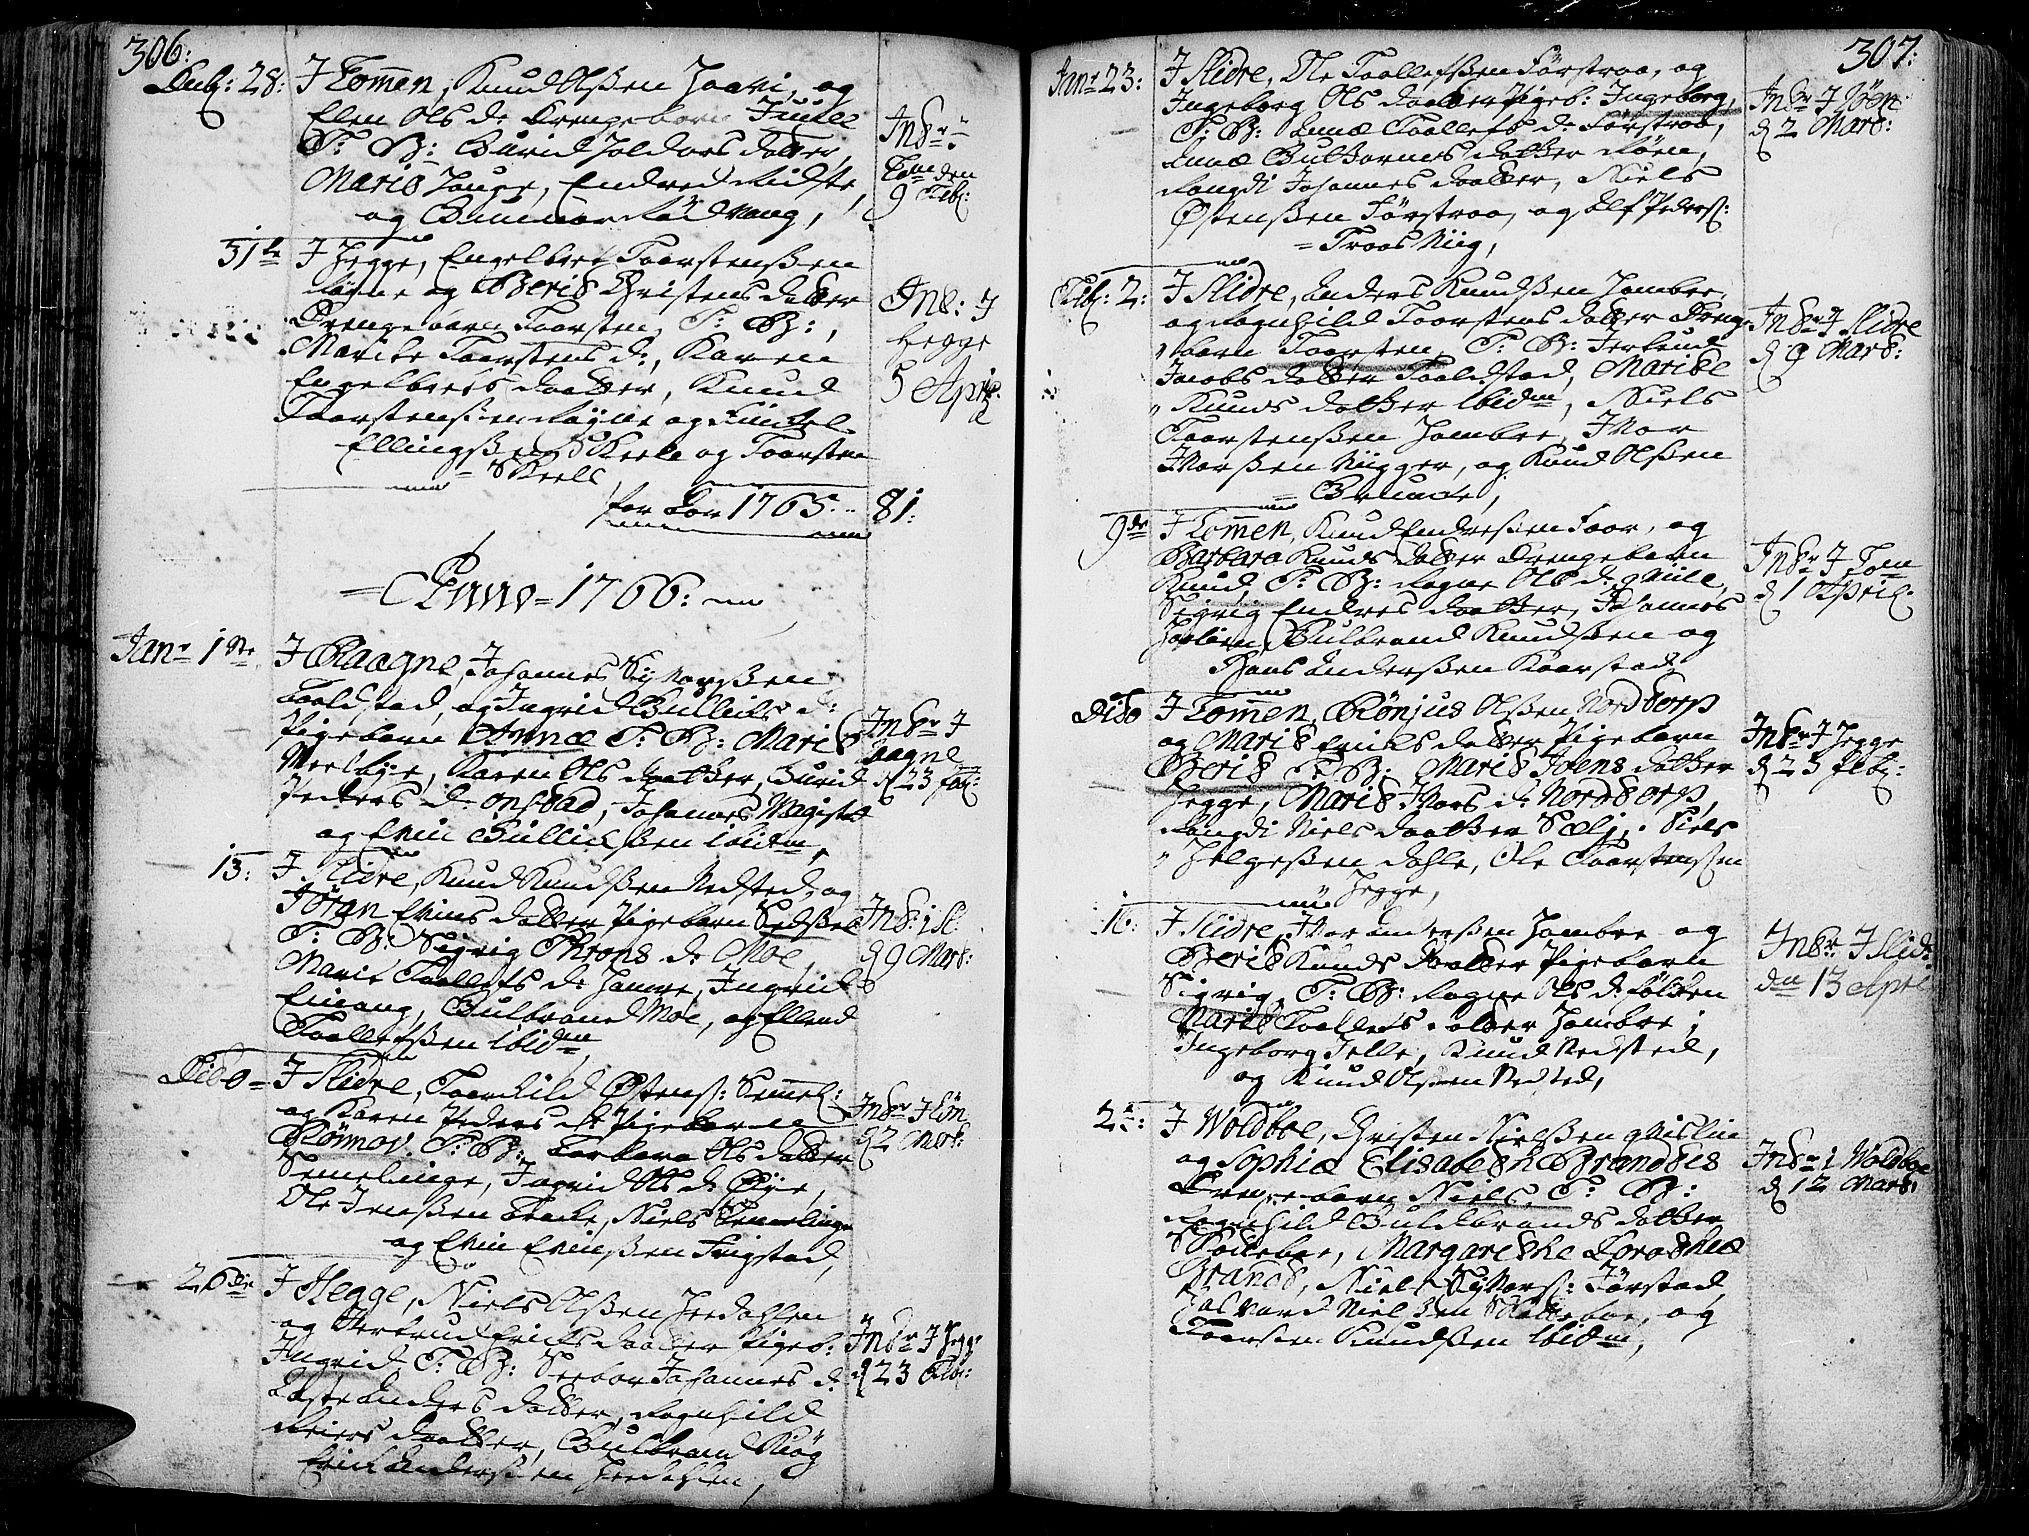 SAH, Slidre prestekontor, Ministerialbok nr. 1, 1724-1814, s. 306-307